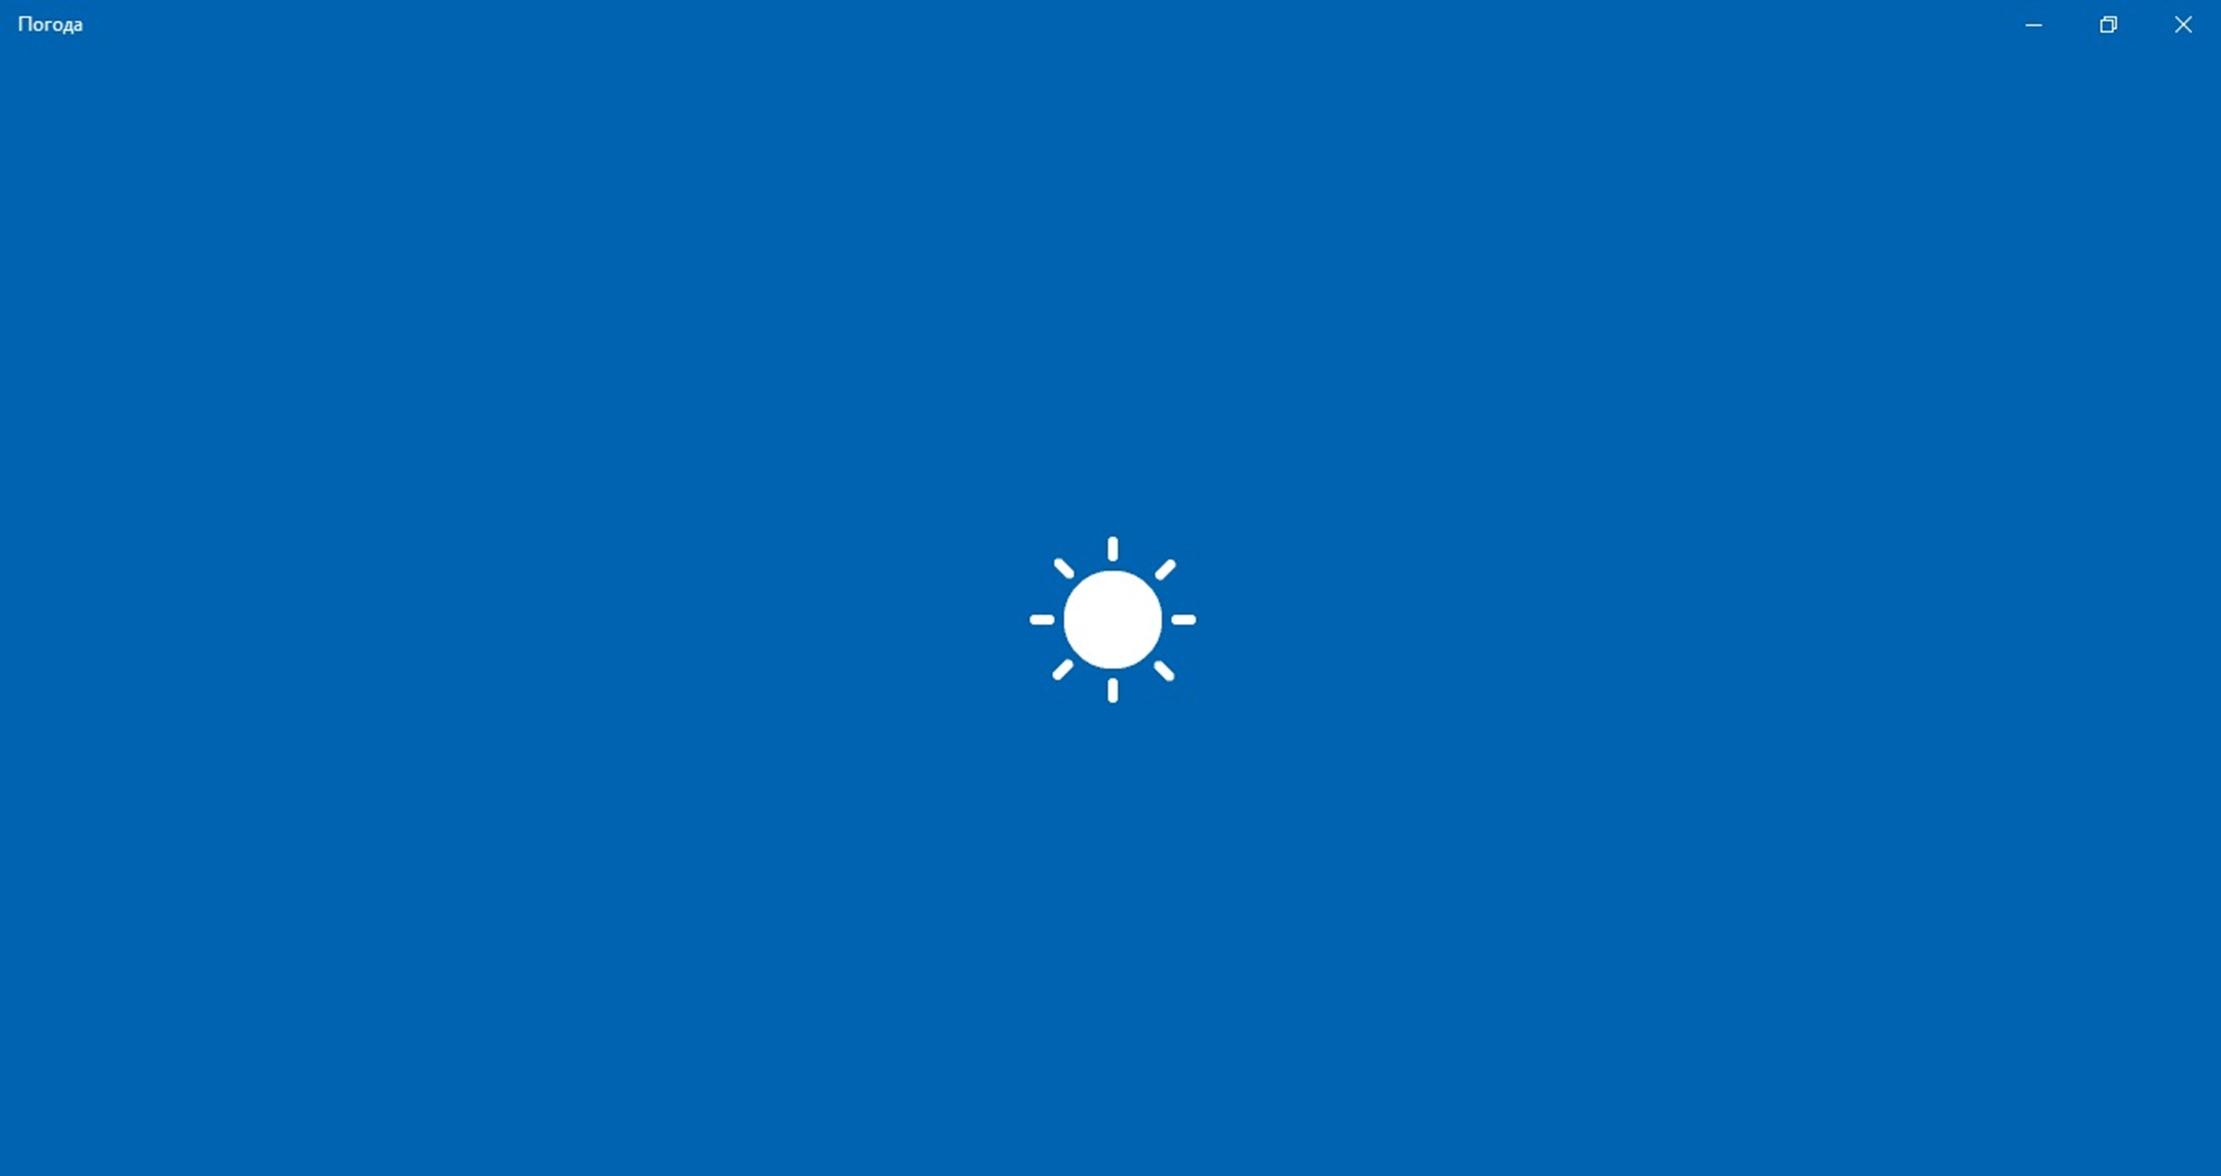 Как узнать прогноз погоды?